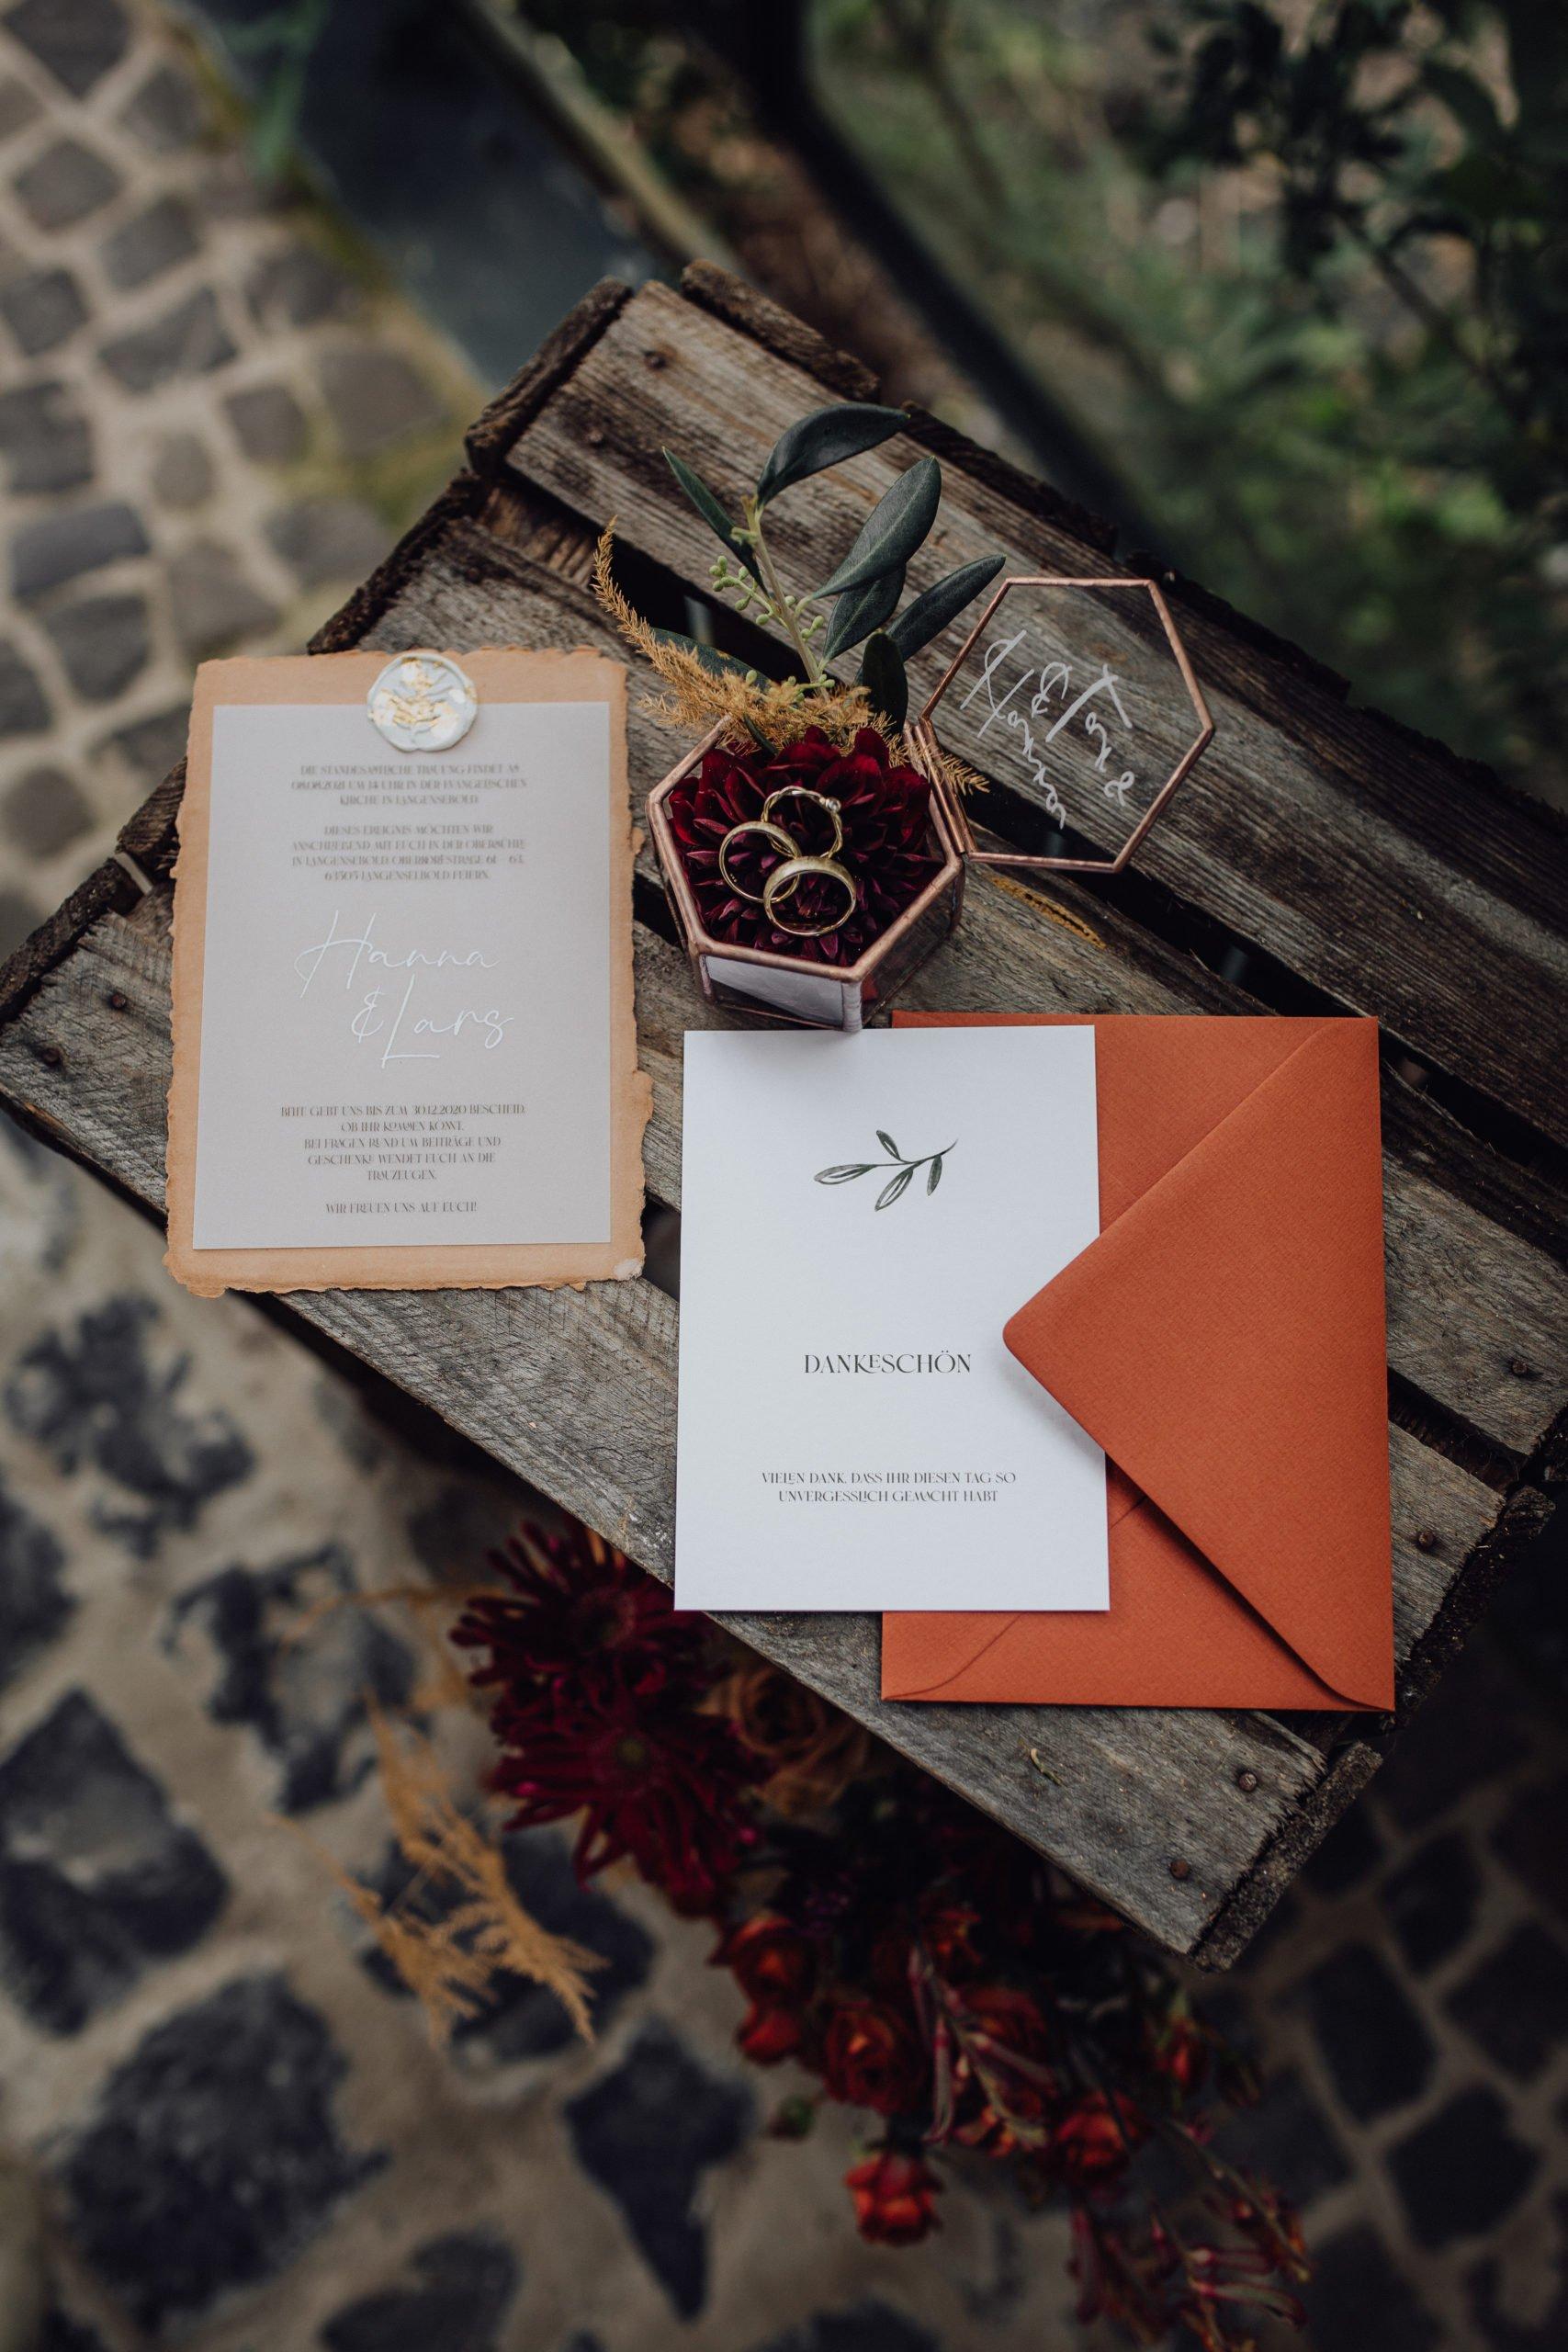 Papeterie zur Hochzeit in warmen Herbsttönen